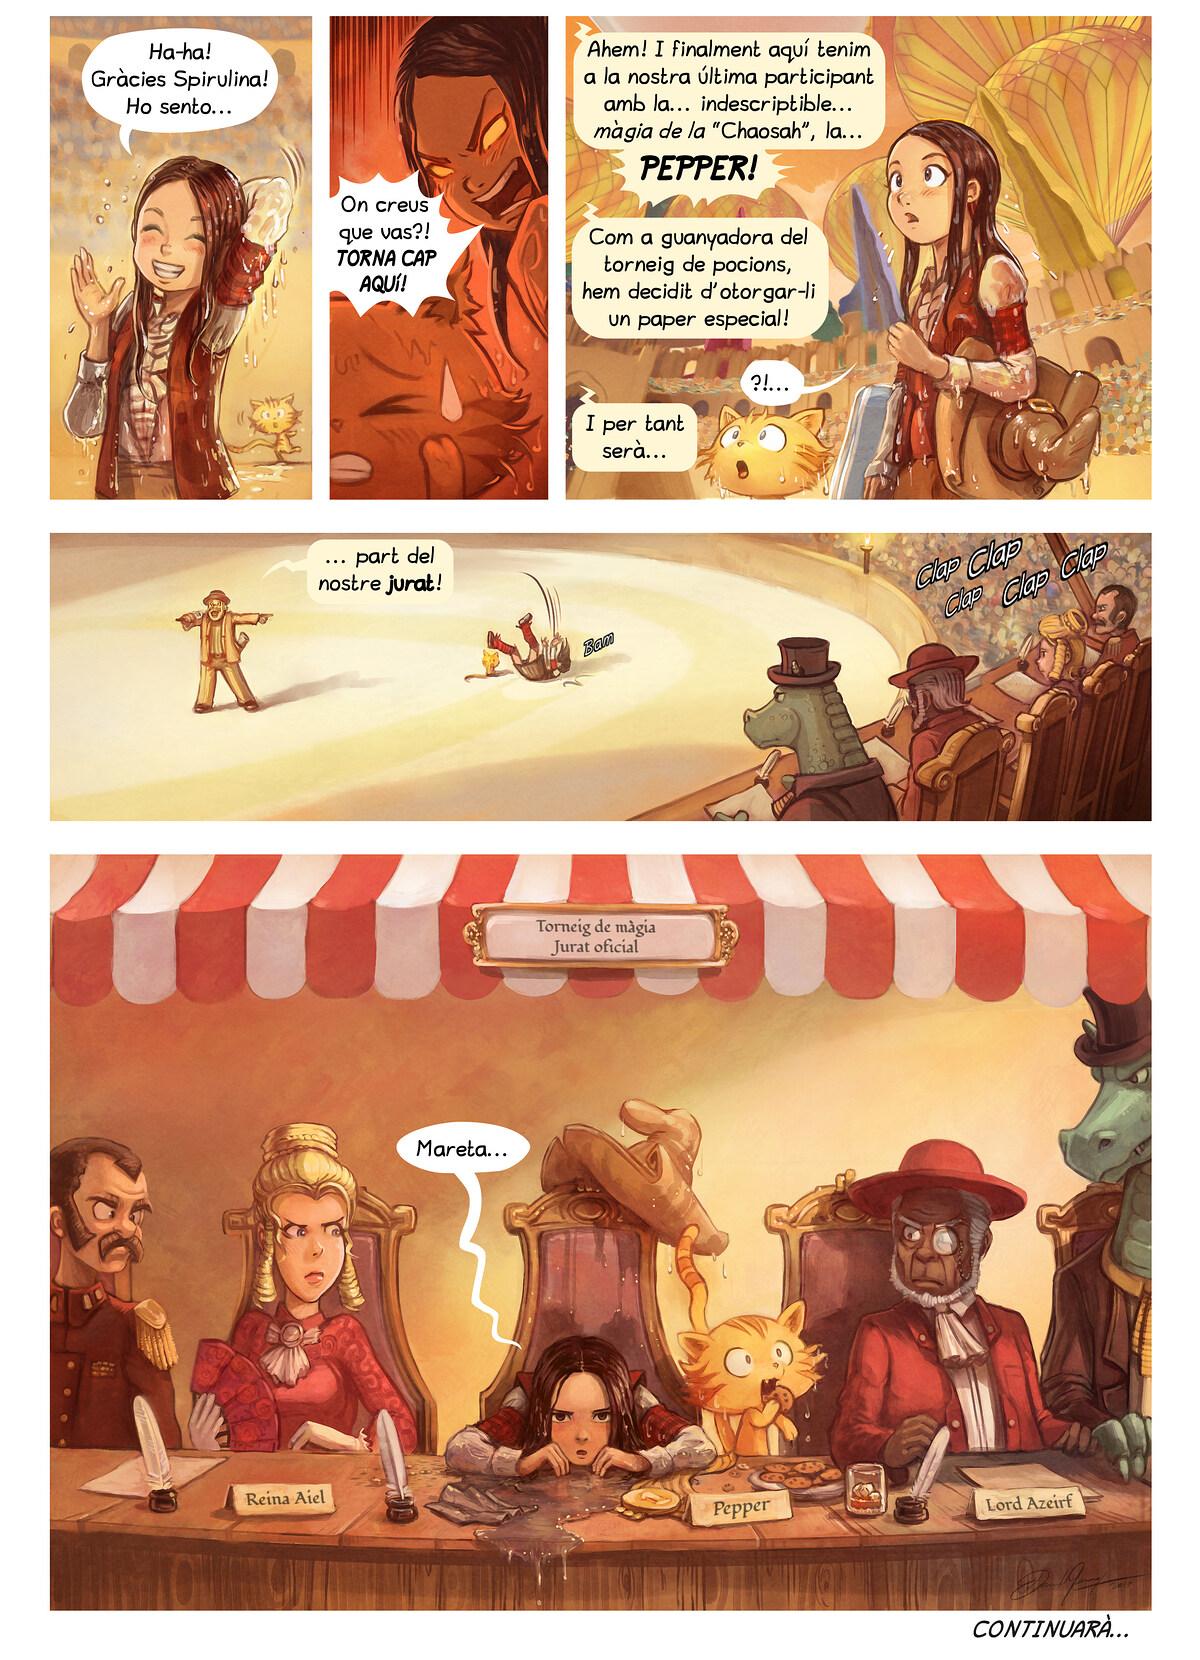 A webcomic page of Pepper&Carrot, episodi 21 [ca], pàgina 7